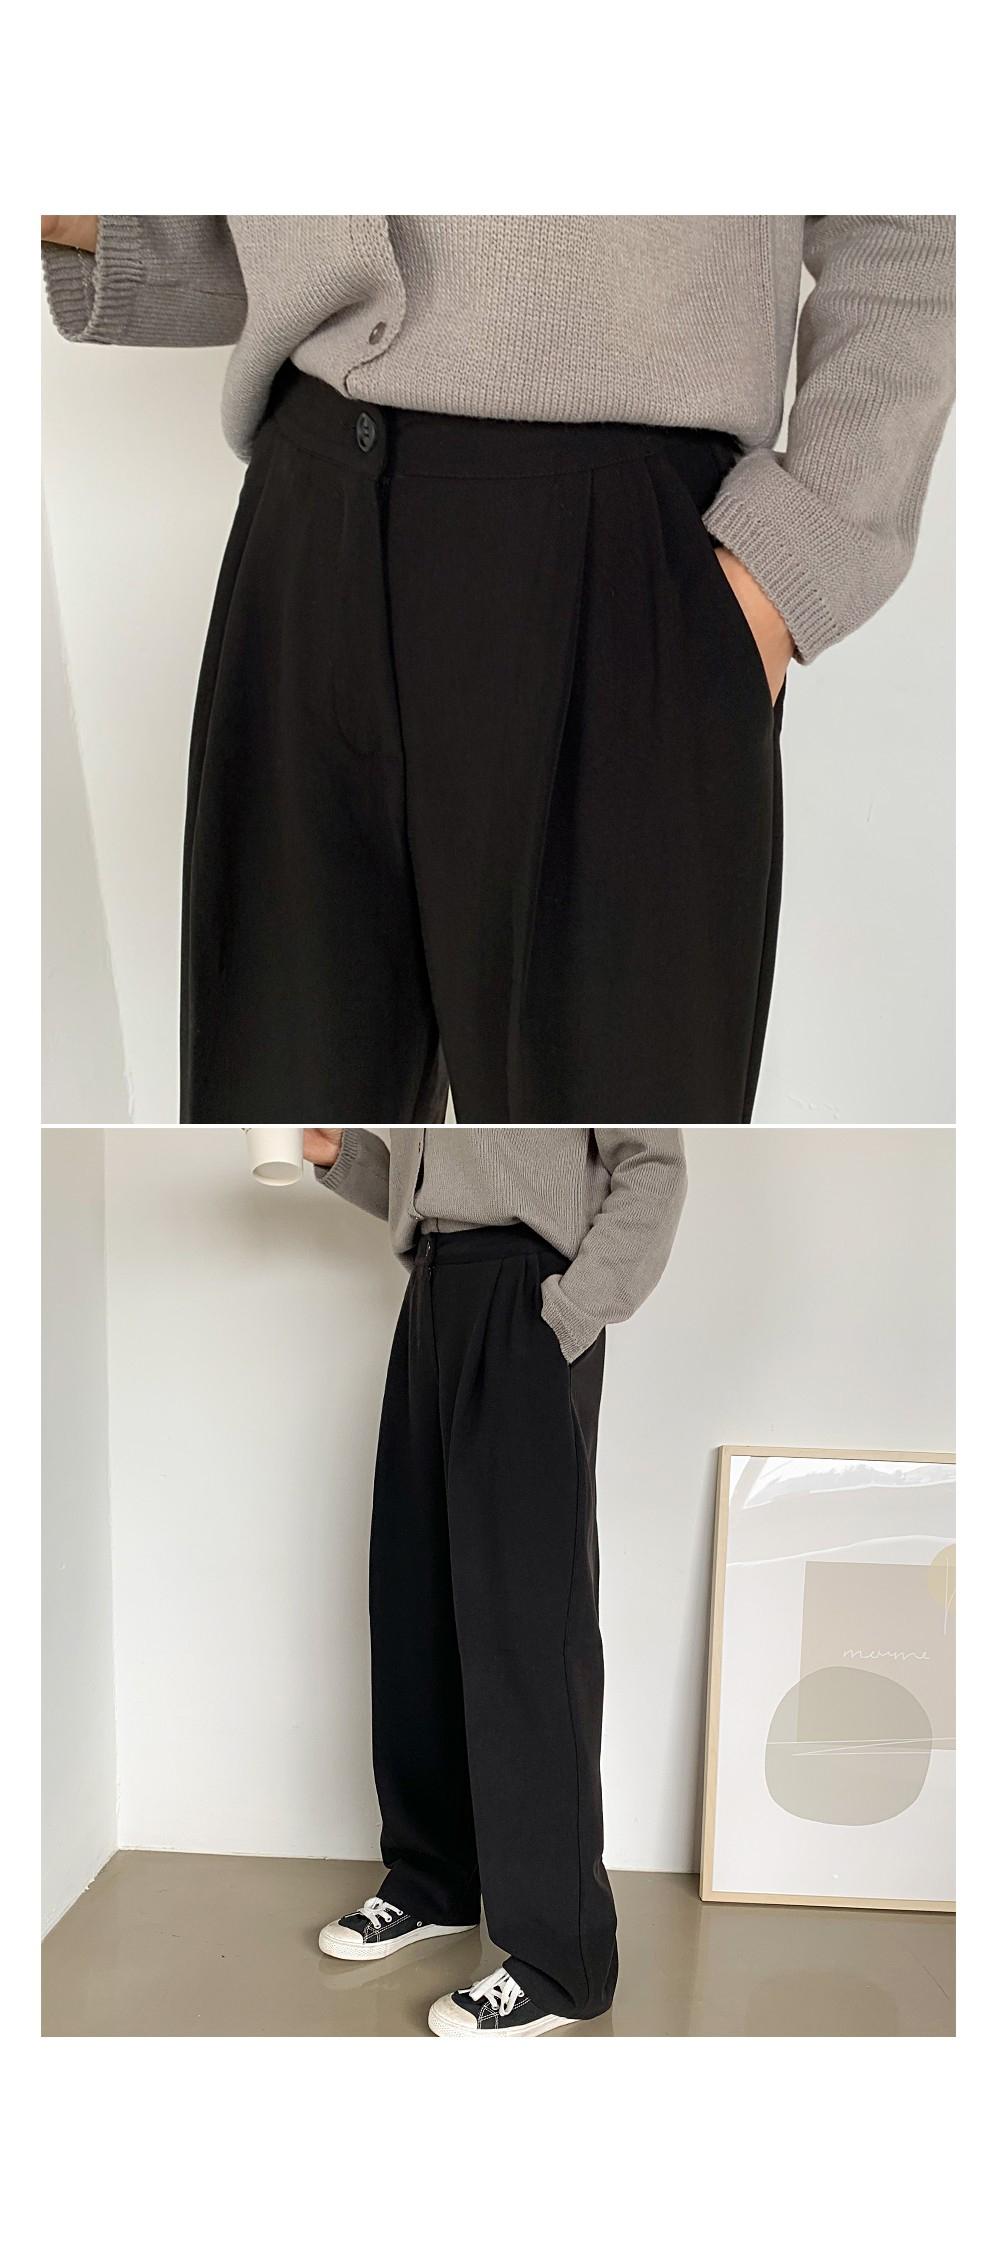 Mid-wide slacks